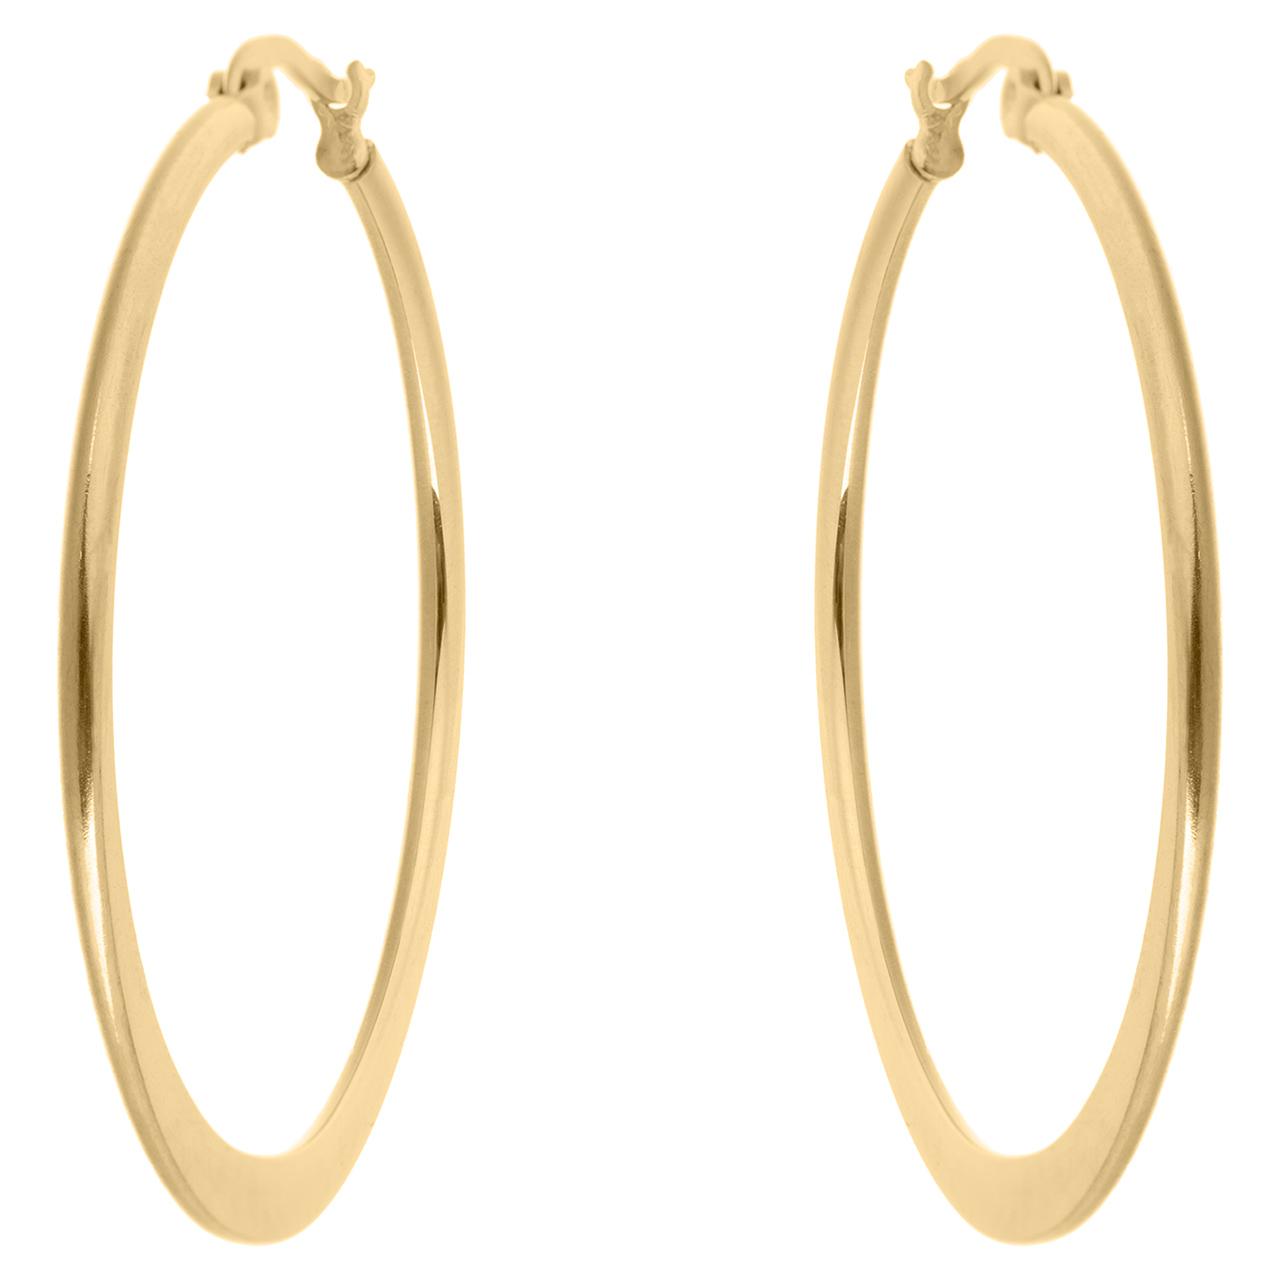 قیمت گوشواره حلقه ای استیل مارنا گالری مدل Gold